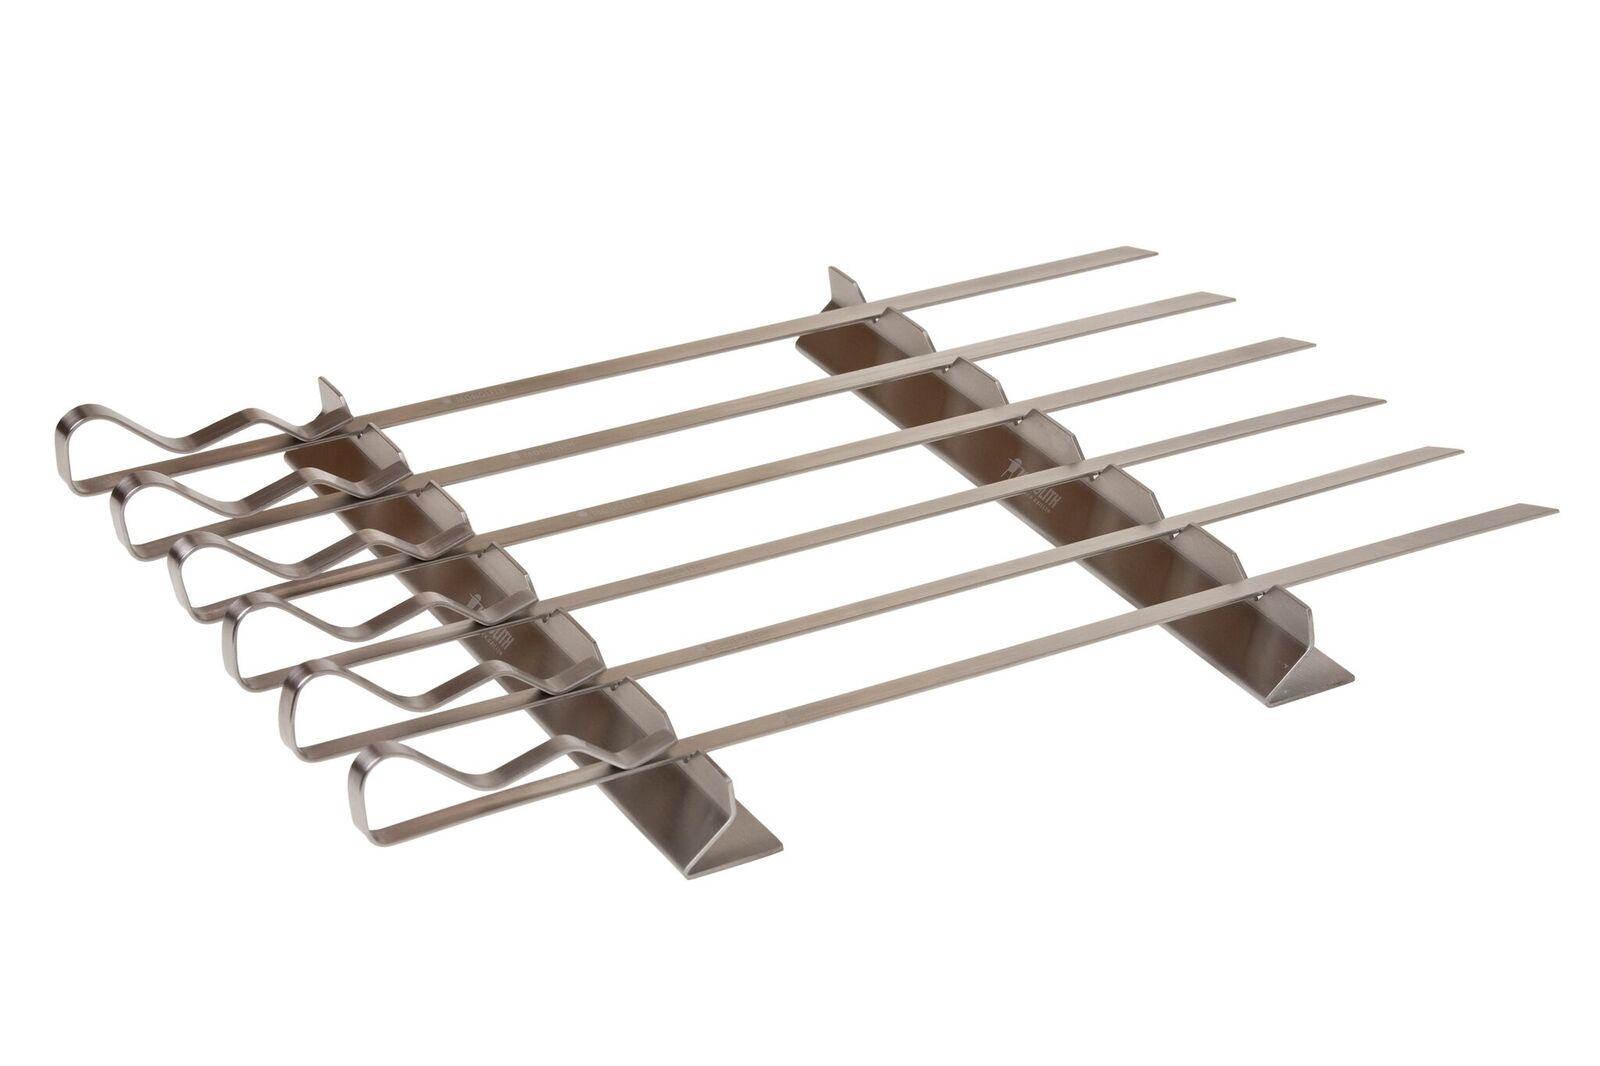 6 Stainless Steel Skewer Set